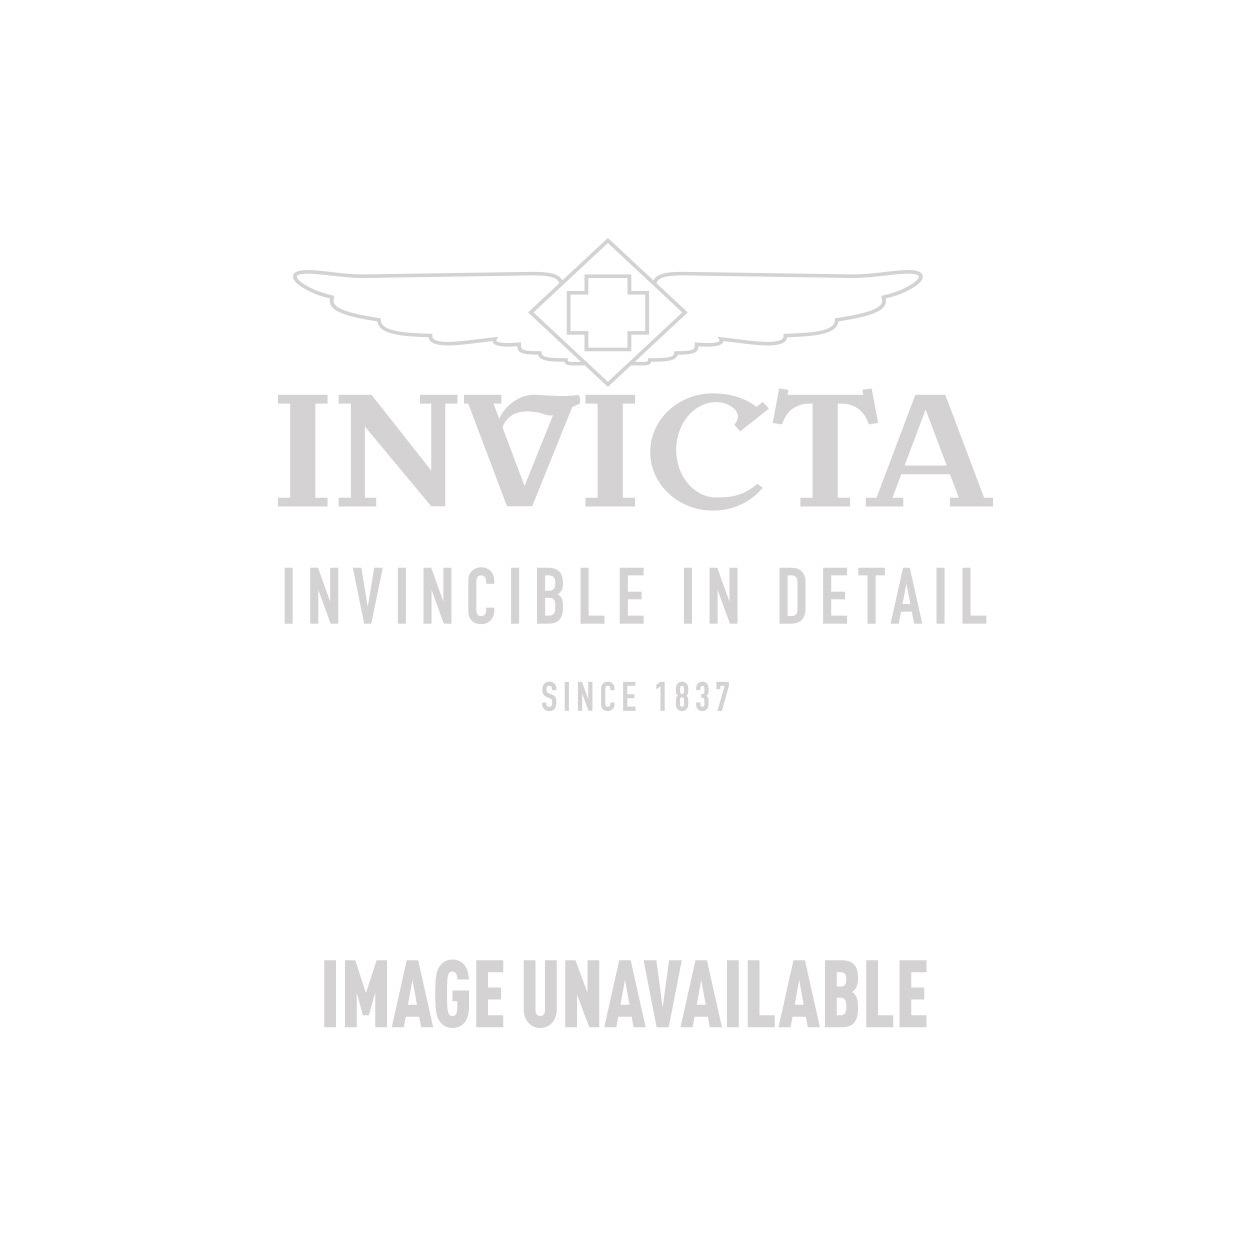 Invicta Model 24875